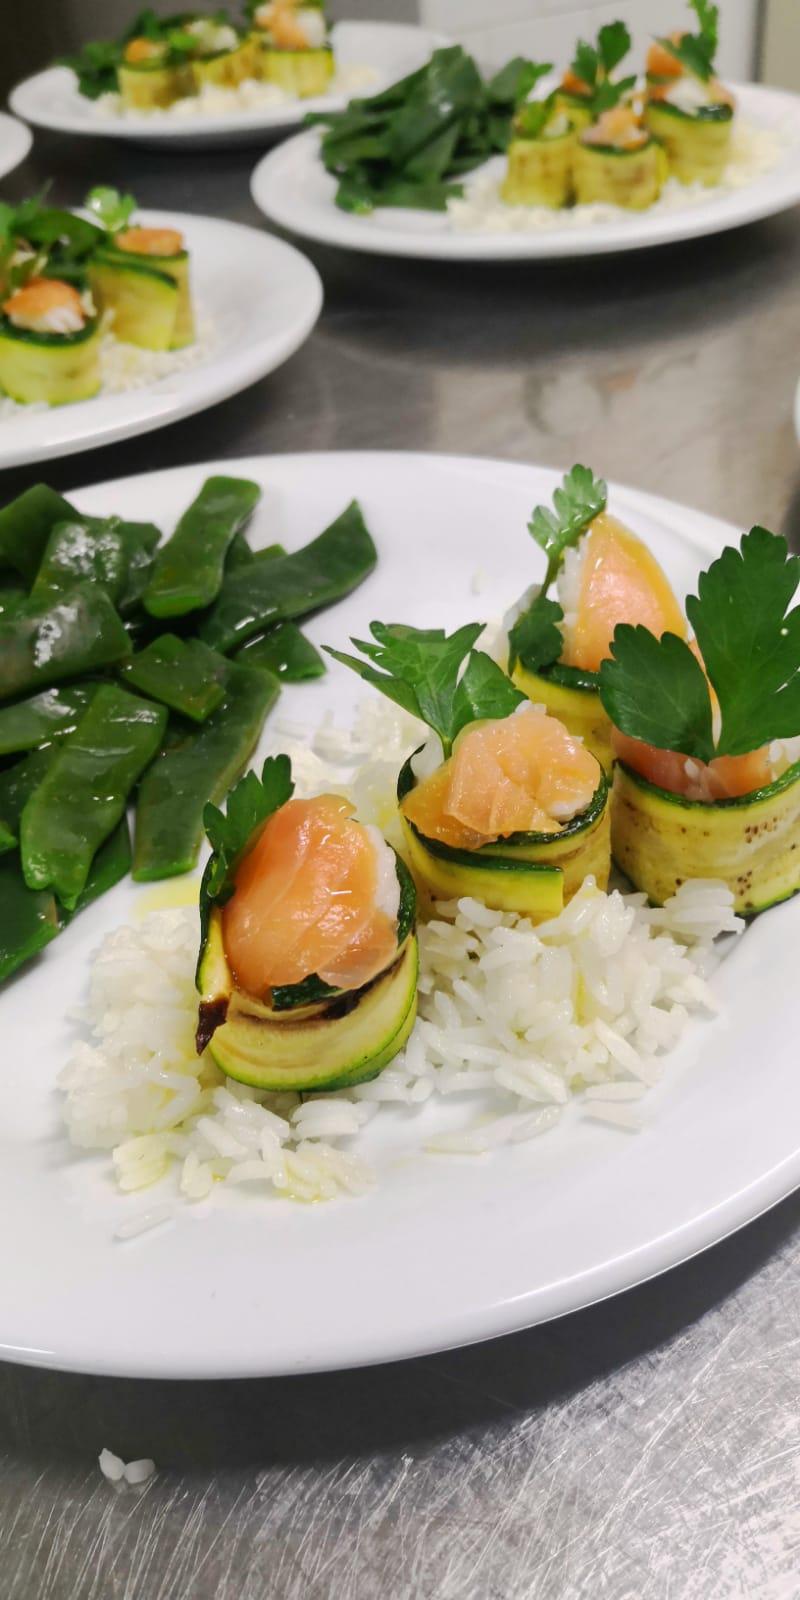 Riso, salmone e zucchine  | Ristornate Gold Hotel Bordighera